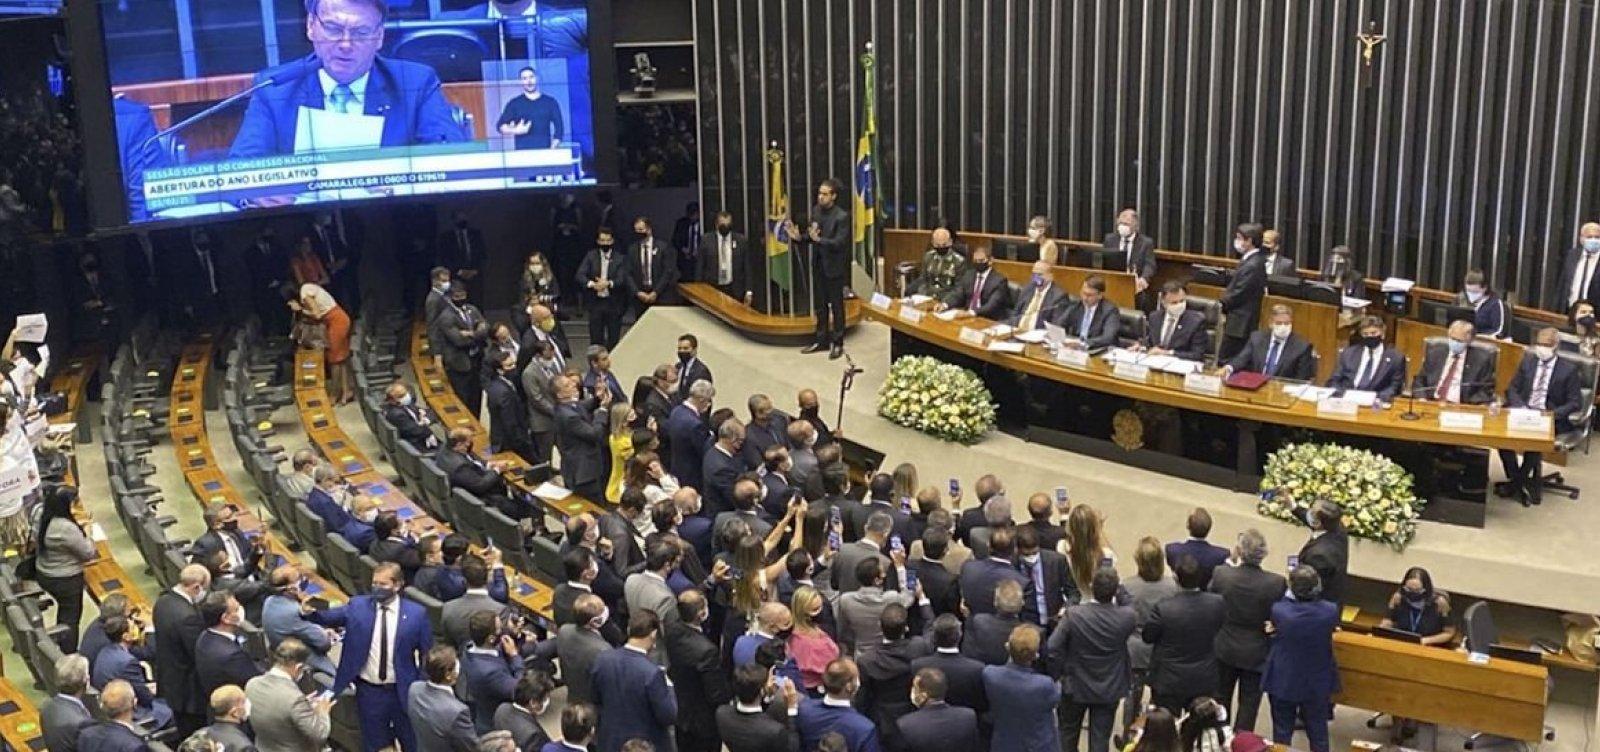 [Ao lado de Fux, Pacheco e Lira, Bolsonaro lê mensagem ao Congresso ]